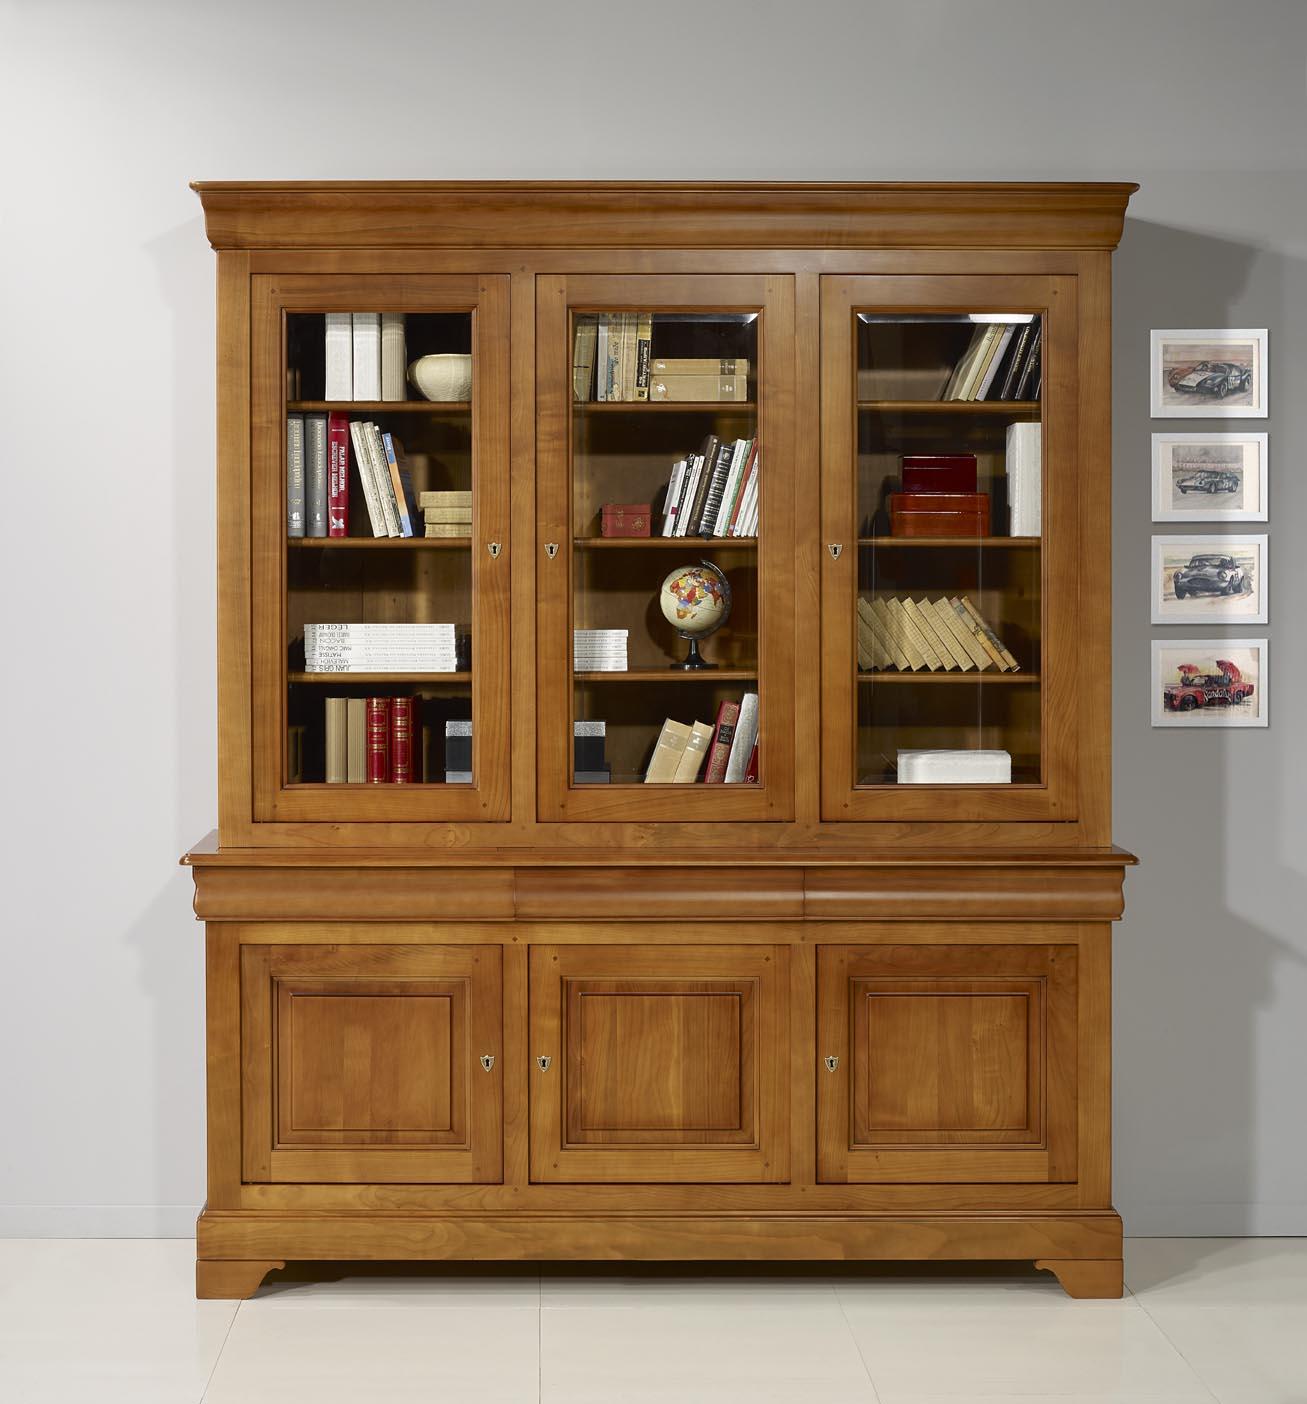 Biblioth que 2 corps 3 portes en merisier massif de style louis philippe meuble en merisier massif - Meuble merisier style louis philippe ...